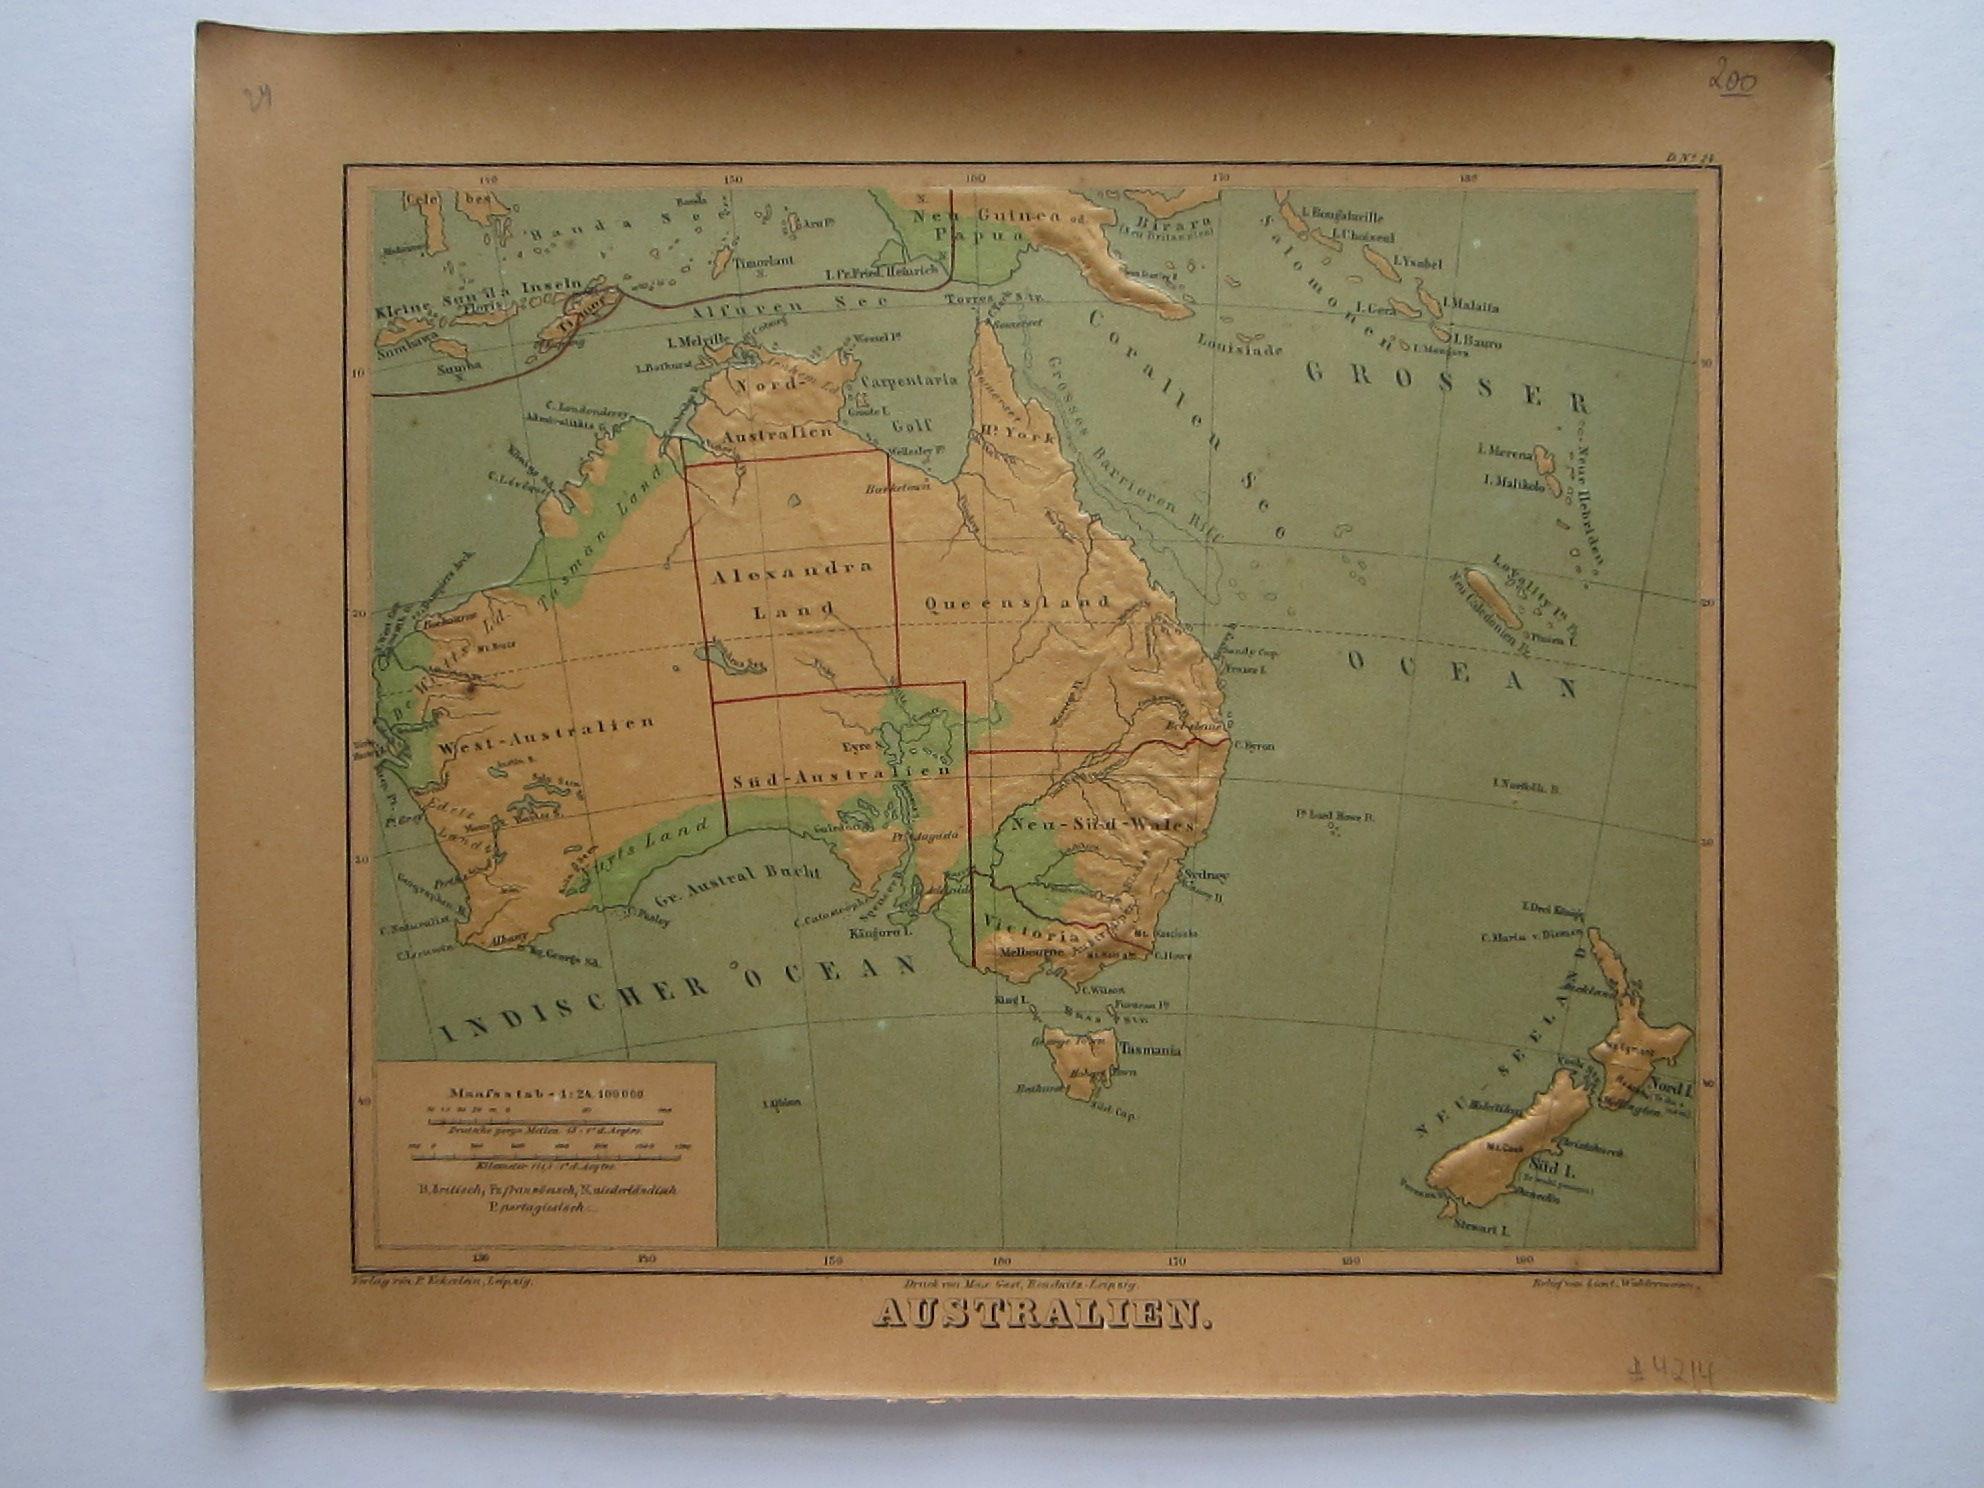 Australien (photo 1)